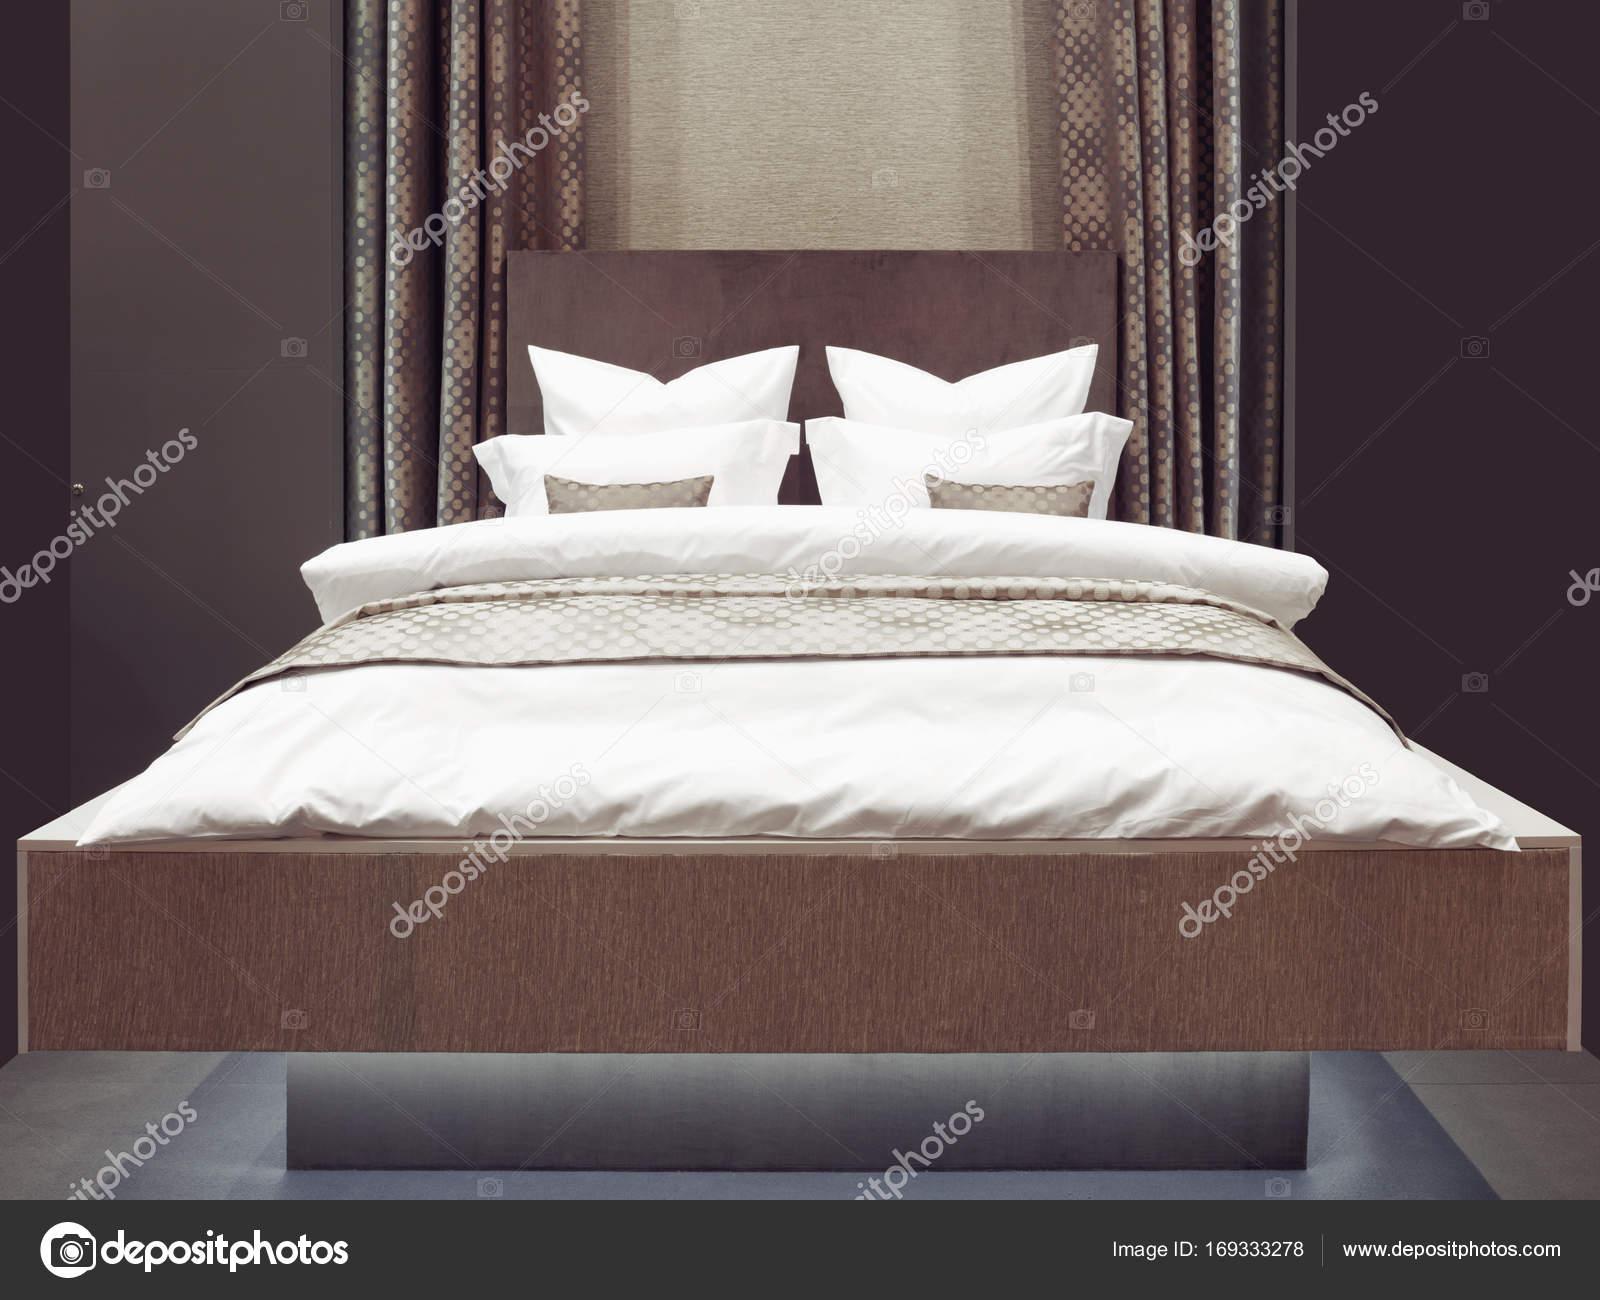 Slaapkamer Hotel Stijl : Luxe moderne japanse stijl slaapkamer interieur van een hotel